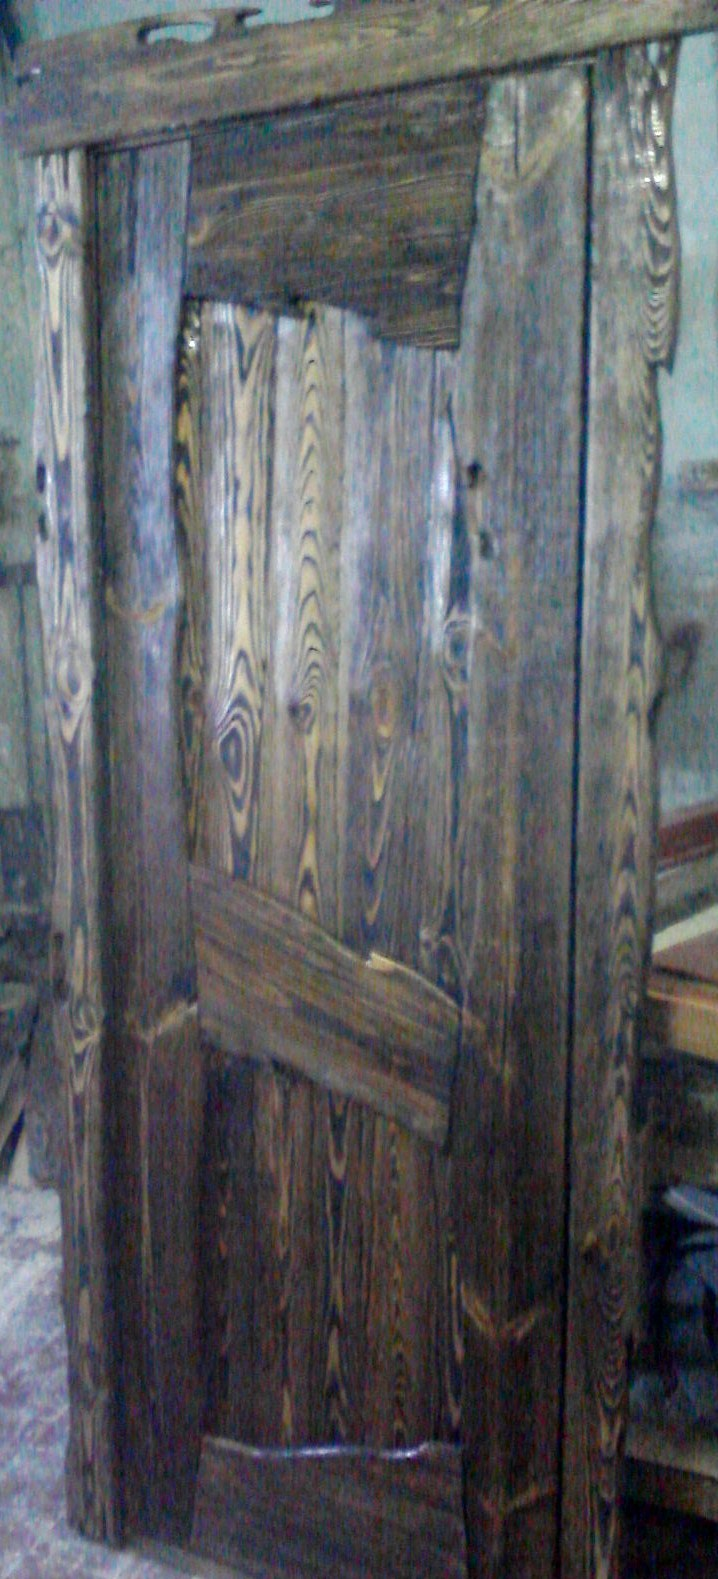 Дверной блок из брашированного дерева